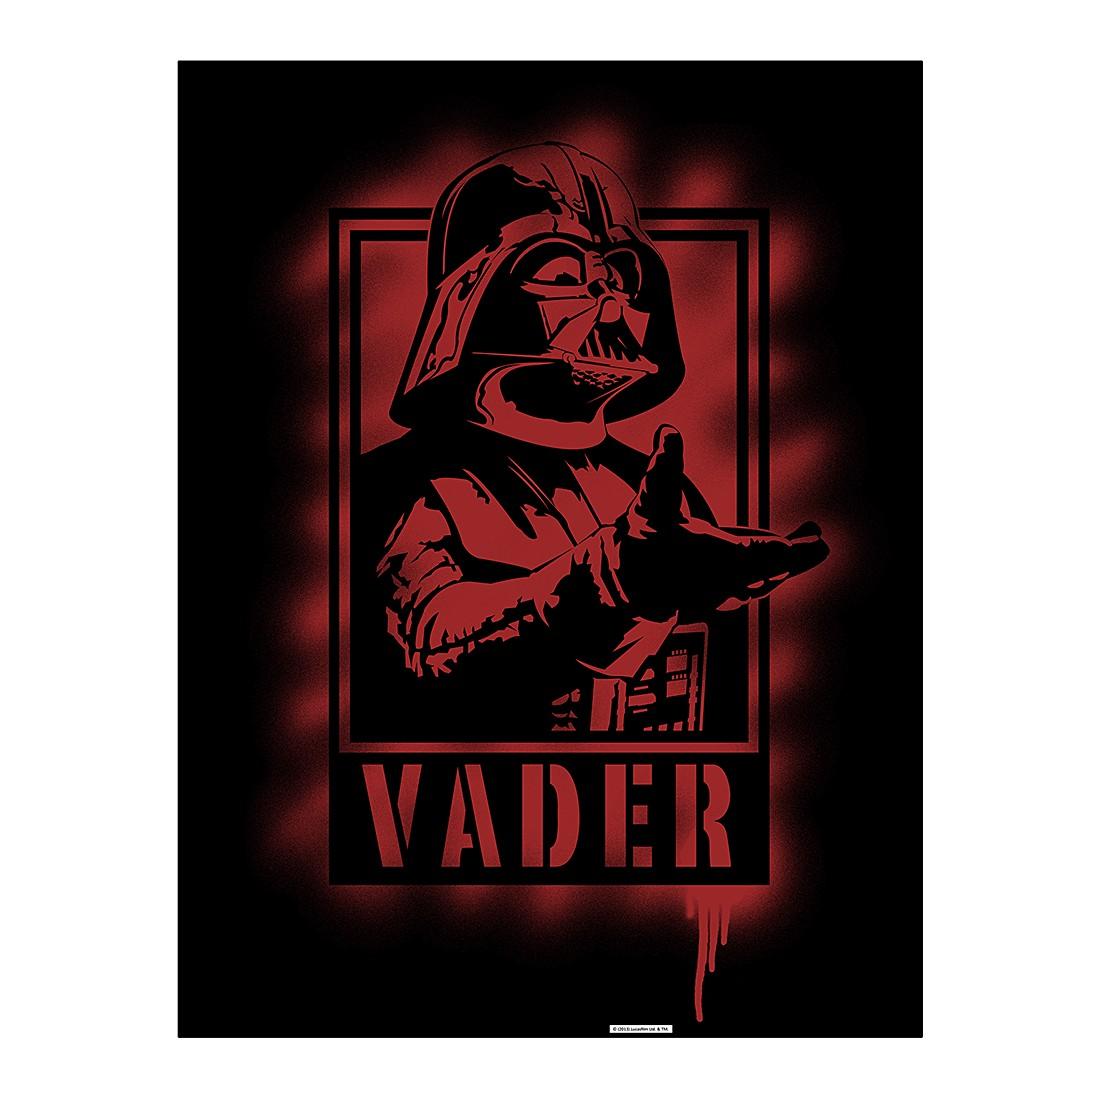 Aluminiumbild Darth Vader I Artwork – 100 x 75 cm, Gallery of Innovative Art günstig online kaufen